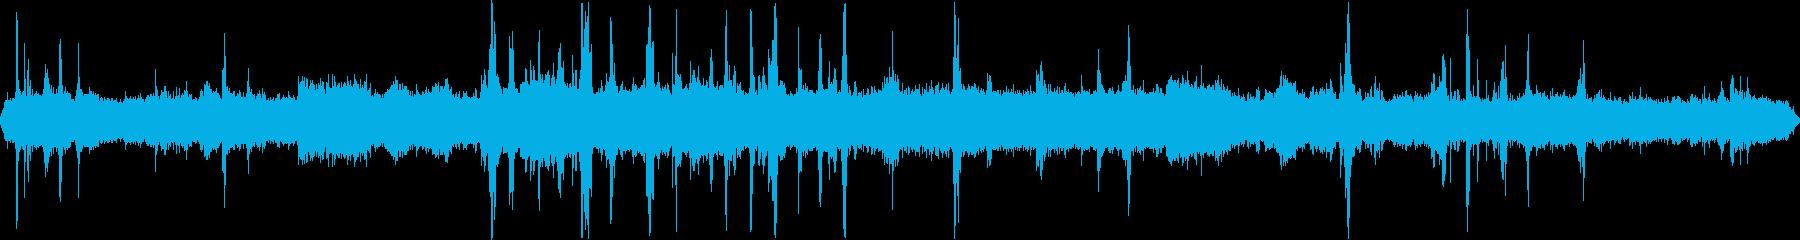 道路工事3  騒音 現場 重機 立体音響の再生済みの波形